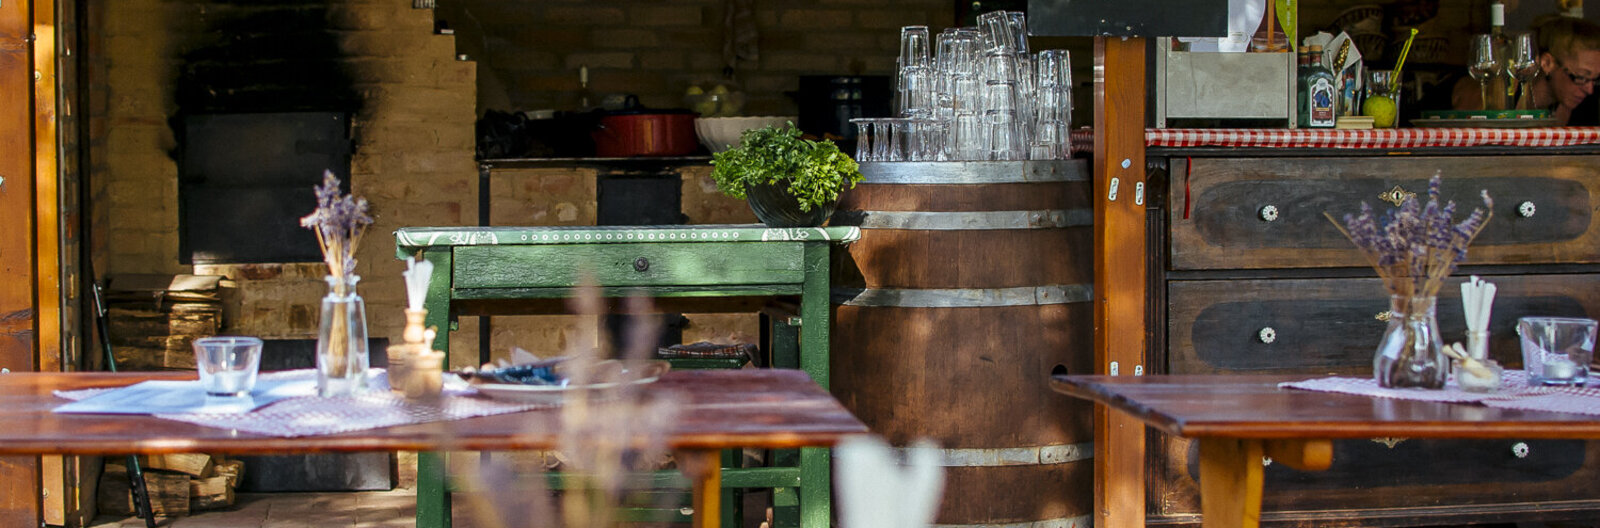 9 Balaton restaurants open all year round